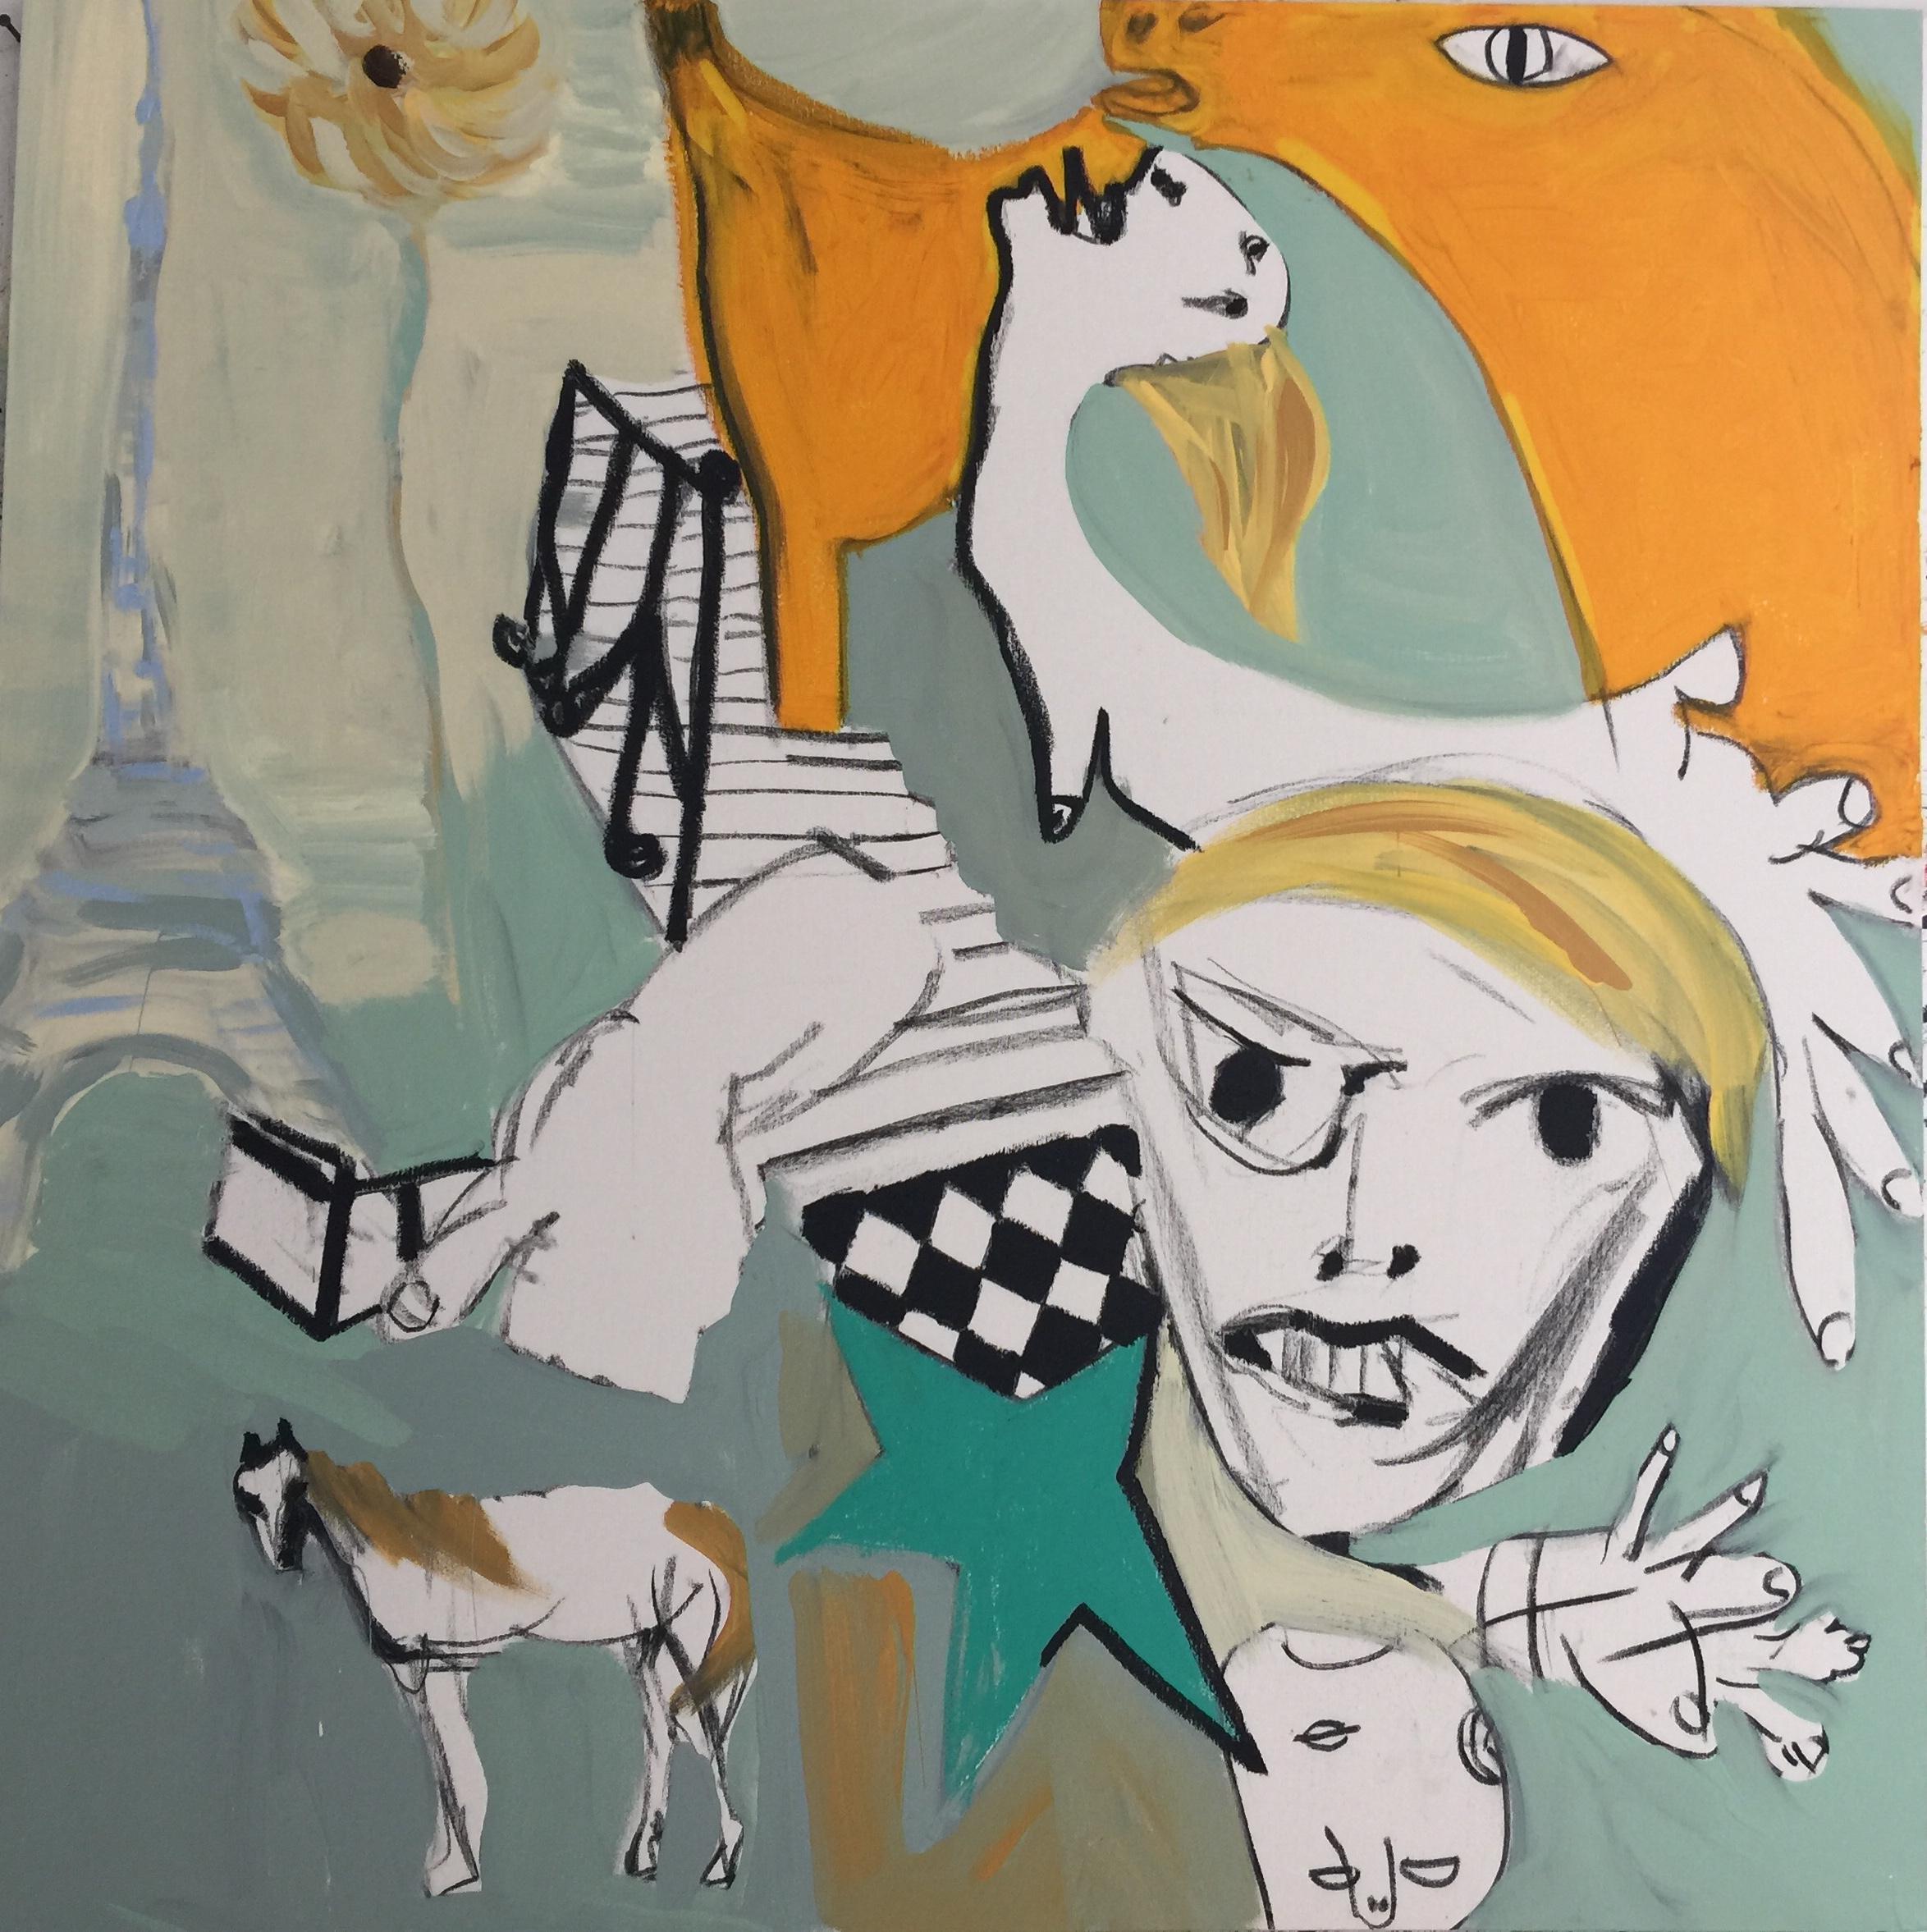 Patti Smith Land 250: Escalier, Hotel Chelsea; Robert Mapplethorpe, Hotel Chelsea Sept 1969; L'etoile de Robert, Londres; Mon cheval, Namibie Afrique;Tour Eiffel,Paris;Detail,Guernica, Madrid;Jesse Tenant une fleur;Femme de Kooning,MoMa April 1968  Acrylic, oil, oil stick, and charcoal on canvas, 2018  40 x 40 in